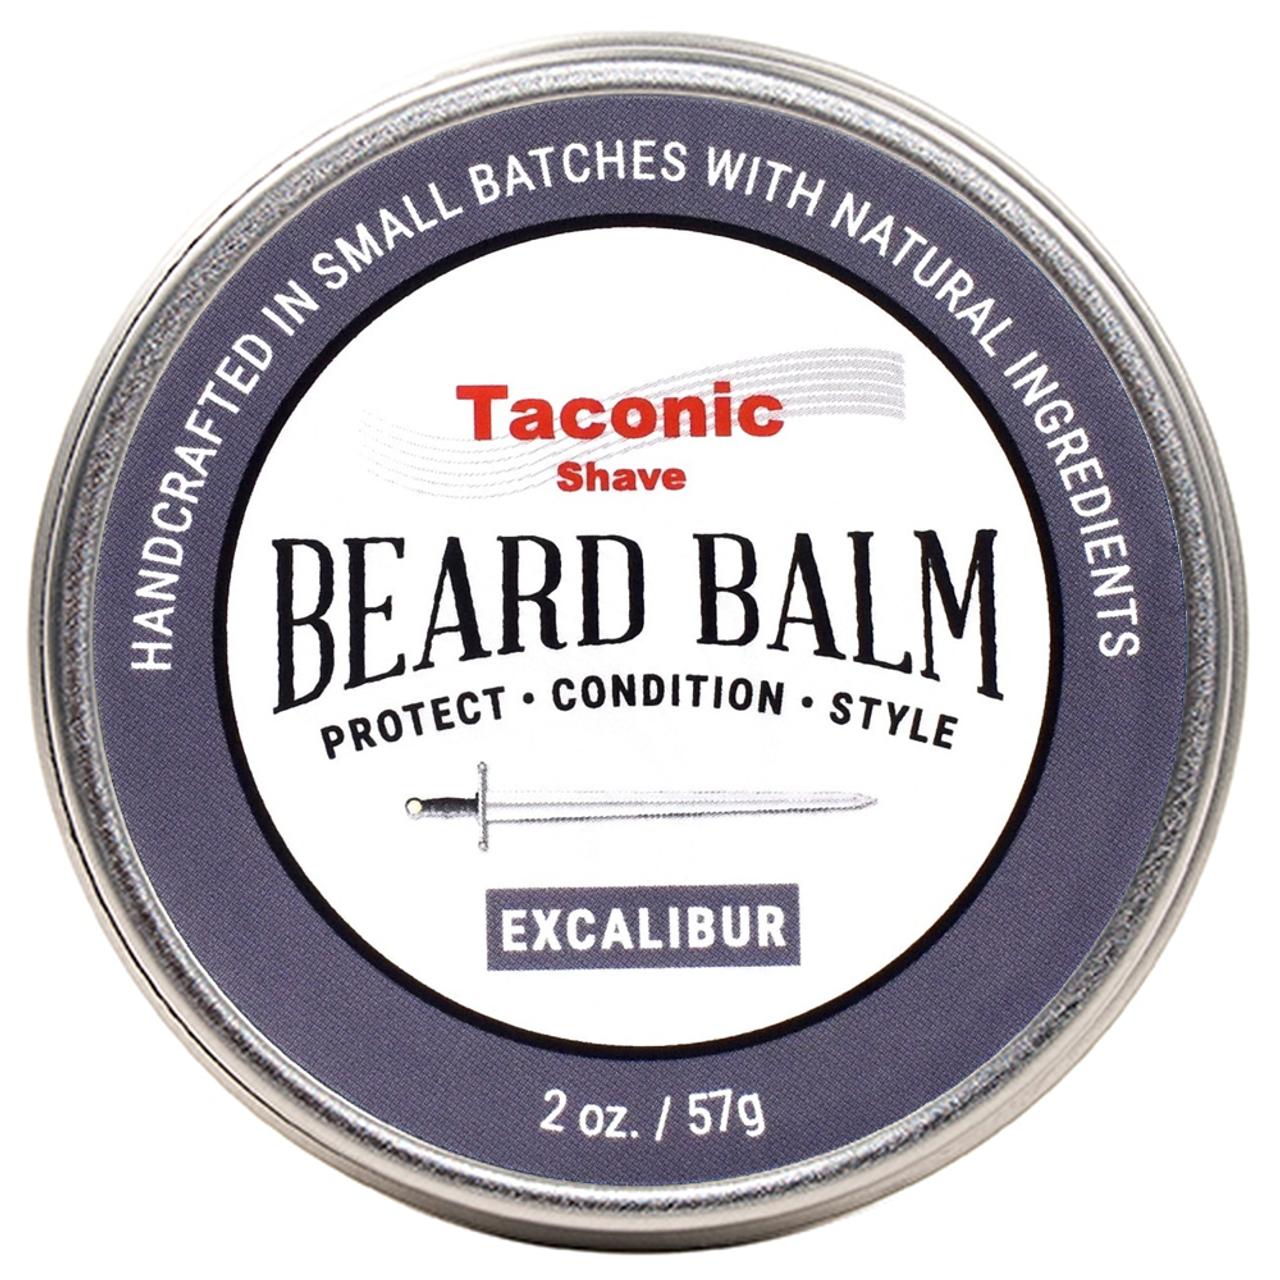 Taconic Beard Balm 2oz Excalibur